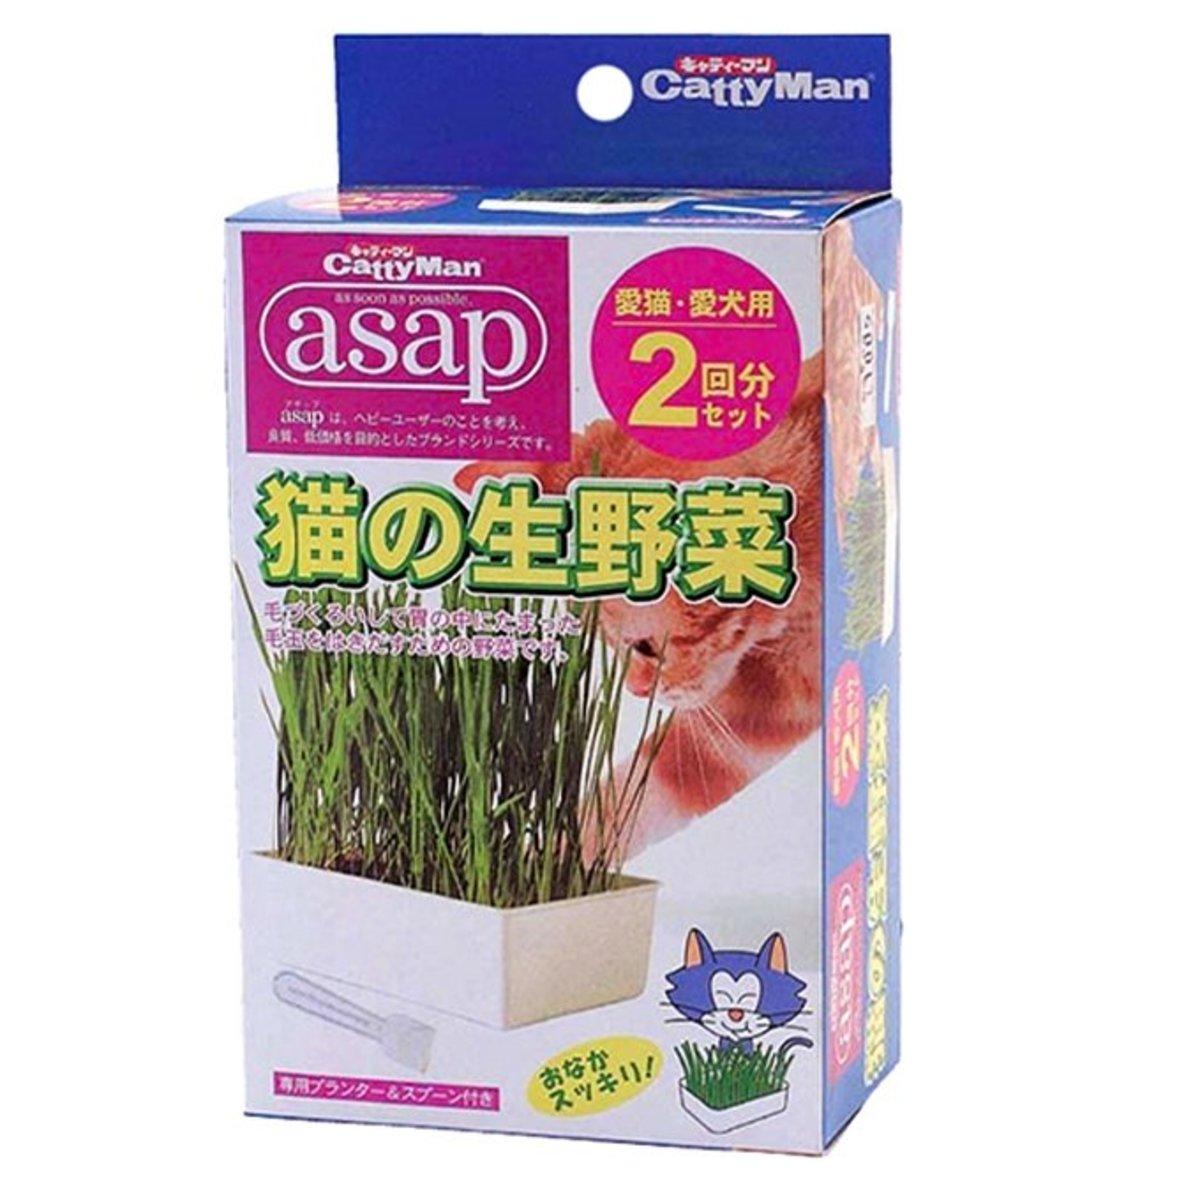 ASAP Fresh Vegetable Planting Kit for Cats (2 inner packs) #84107